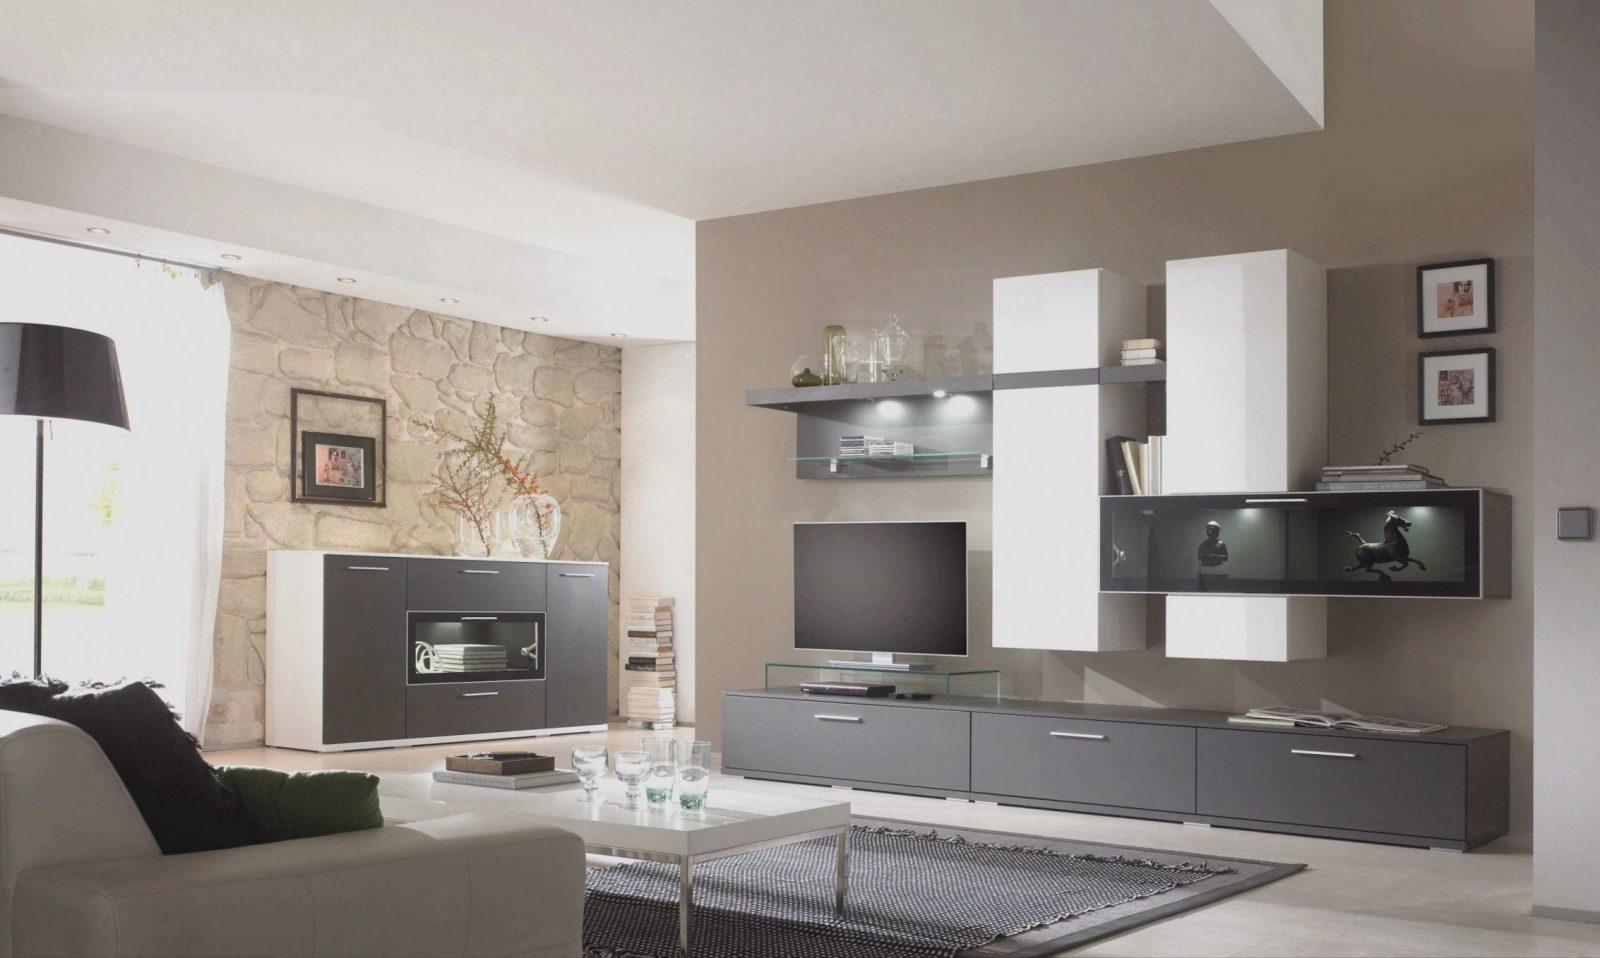 Welche Farbe Passt Zu Grauen Fliesen — Temobardz Home Blog von Schöne Wandfarben Fürs Wohnzimmer Bild